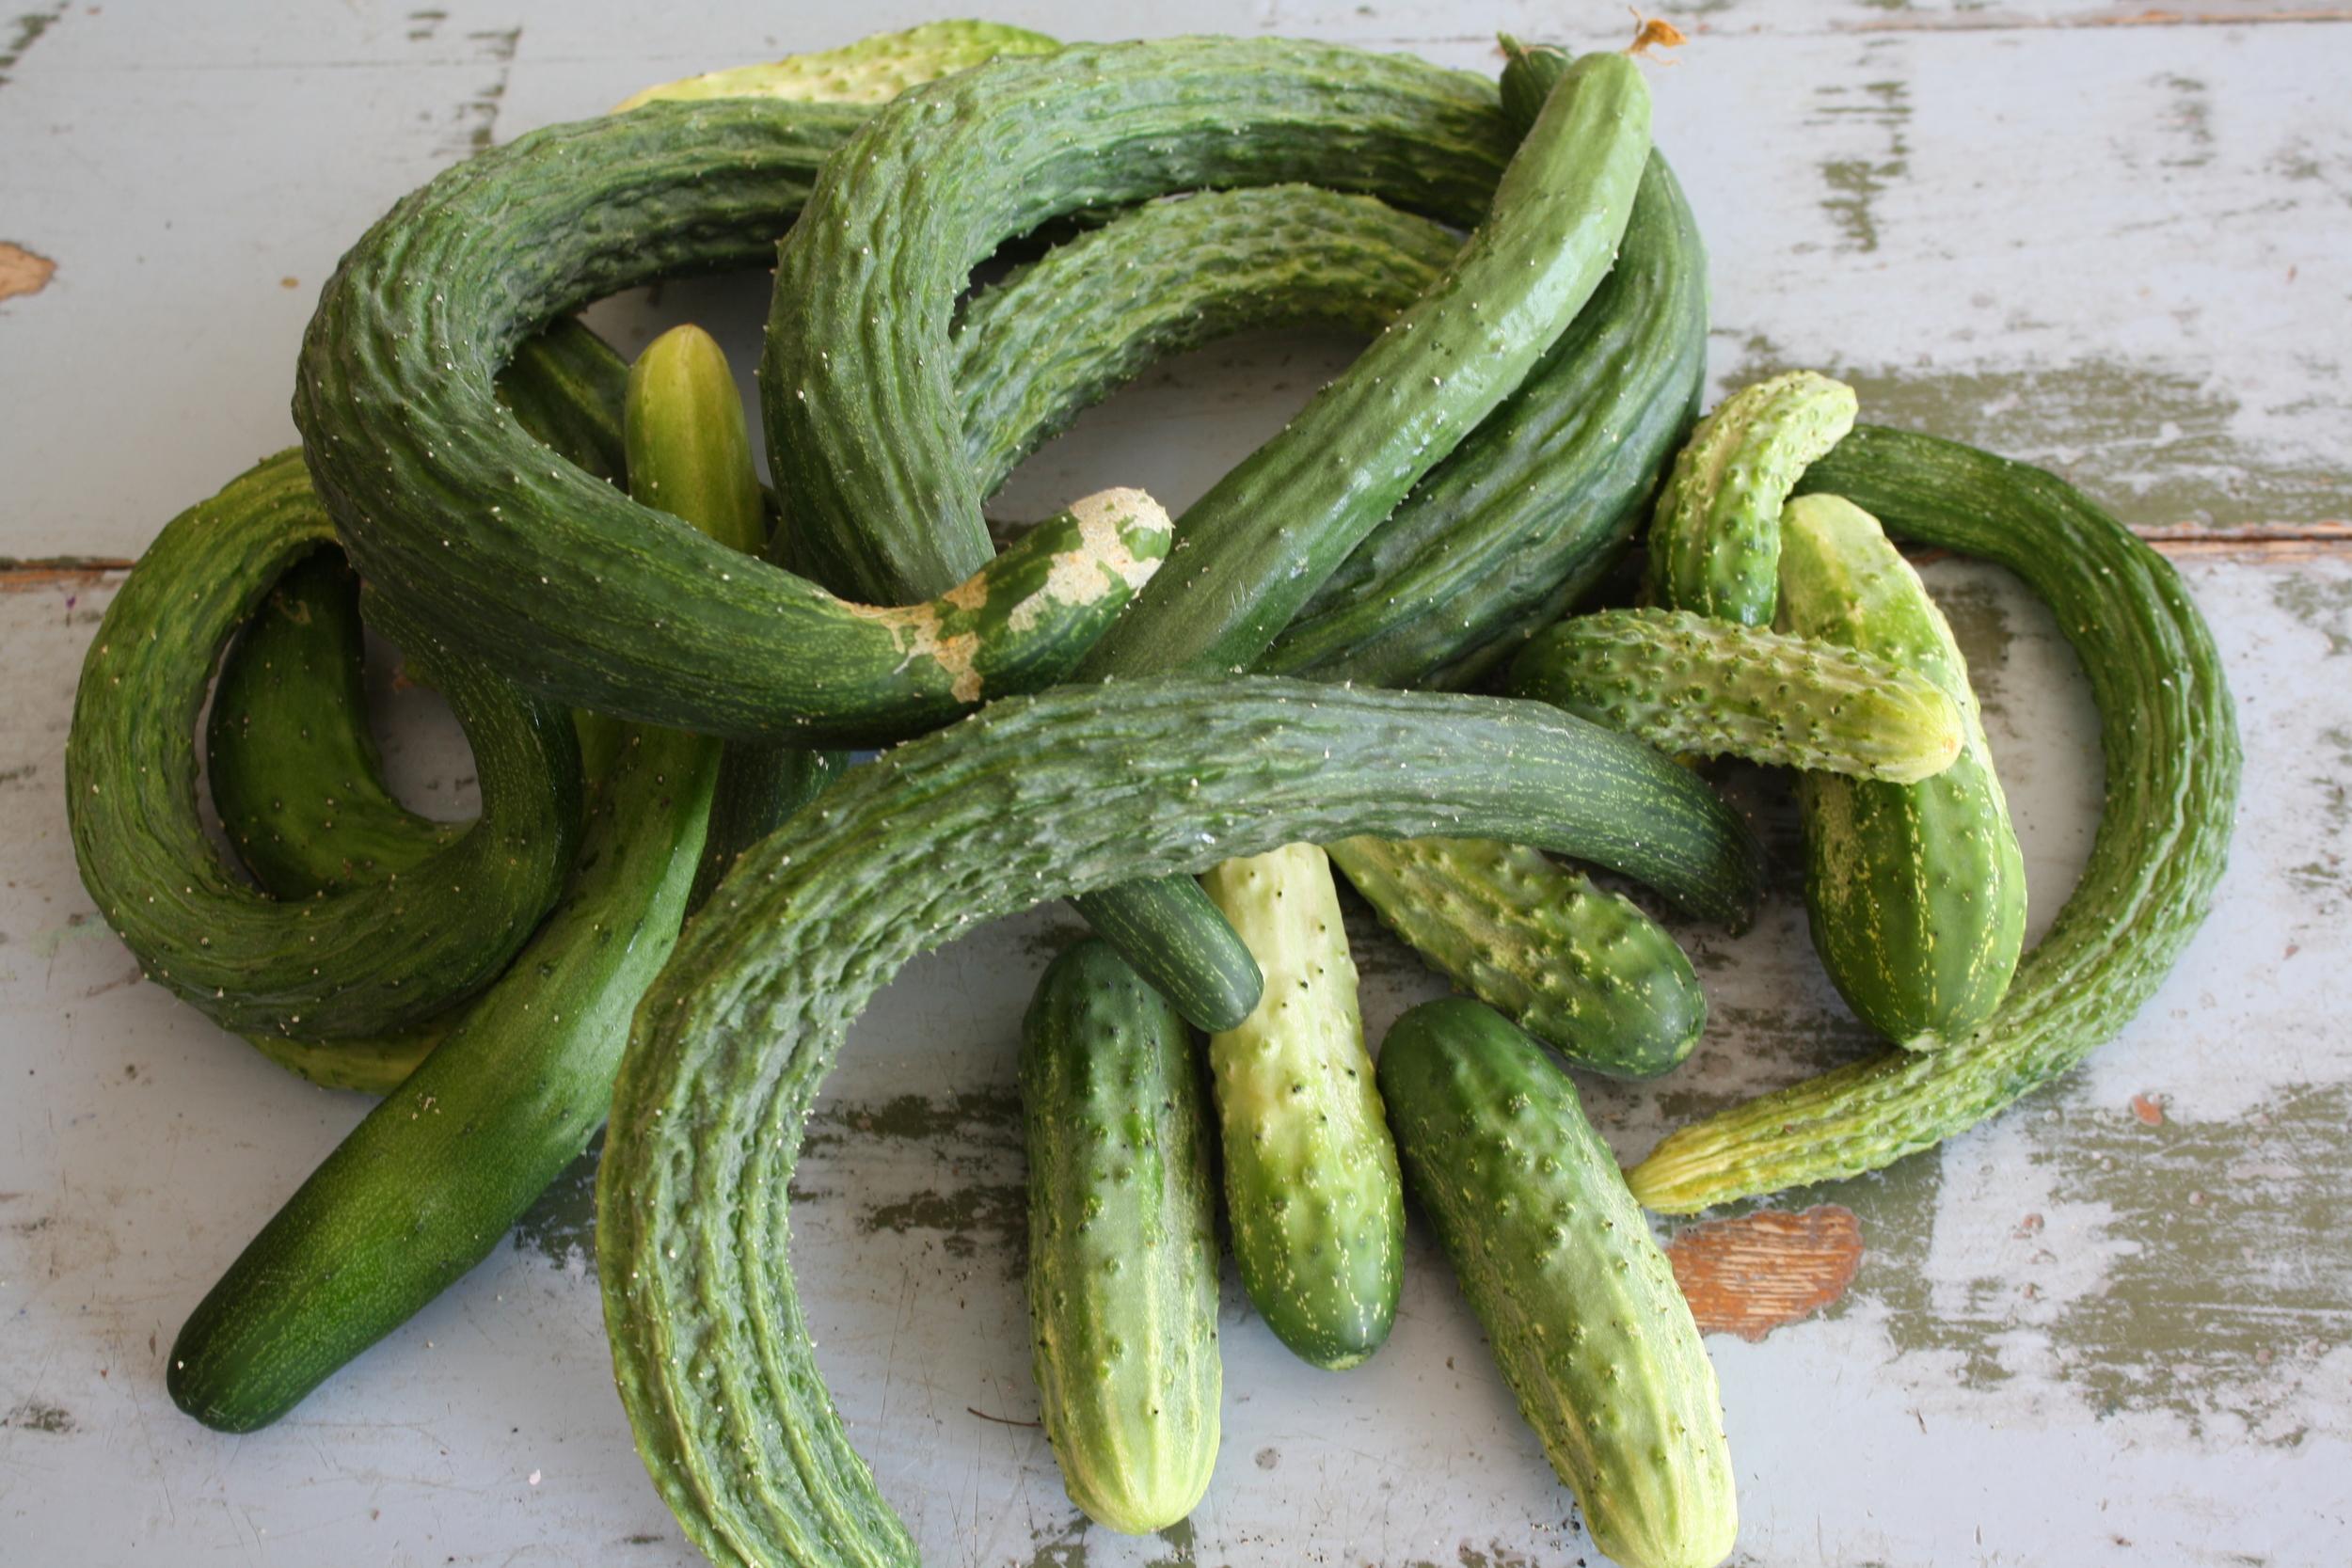 Cucumbers 'Suyo Long', 'Tasty Jade' (Asian variety, winner of our taste tests!), 'Northern Pickling'